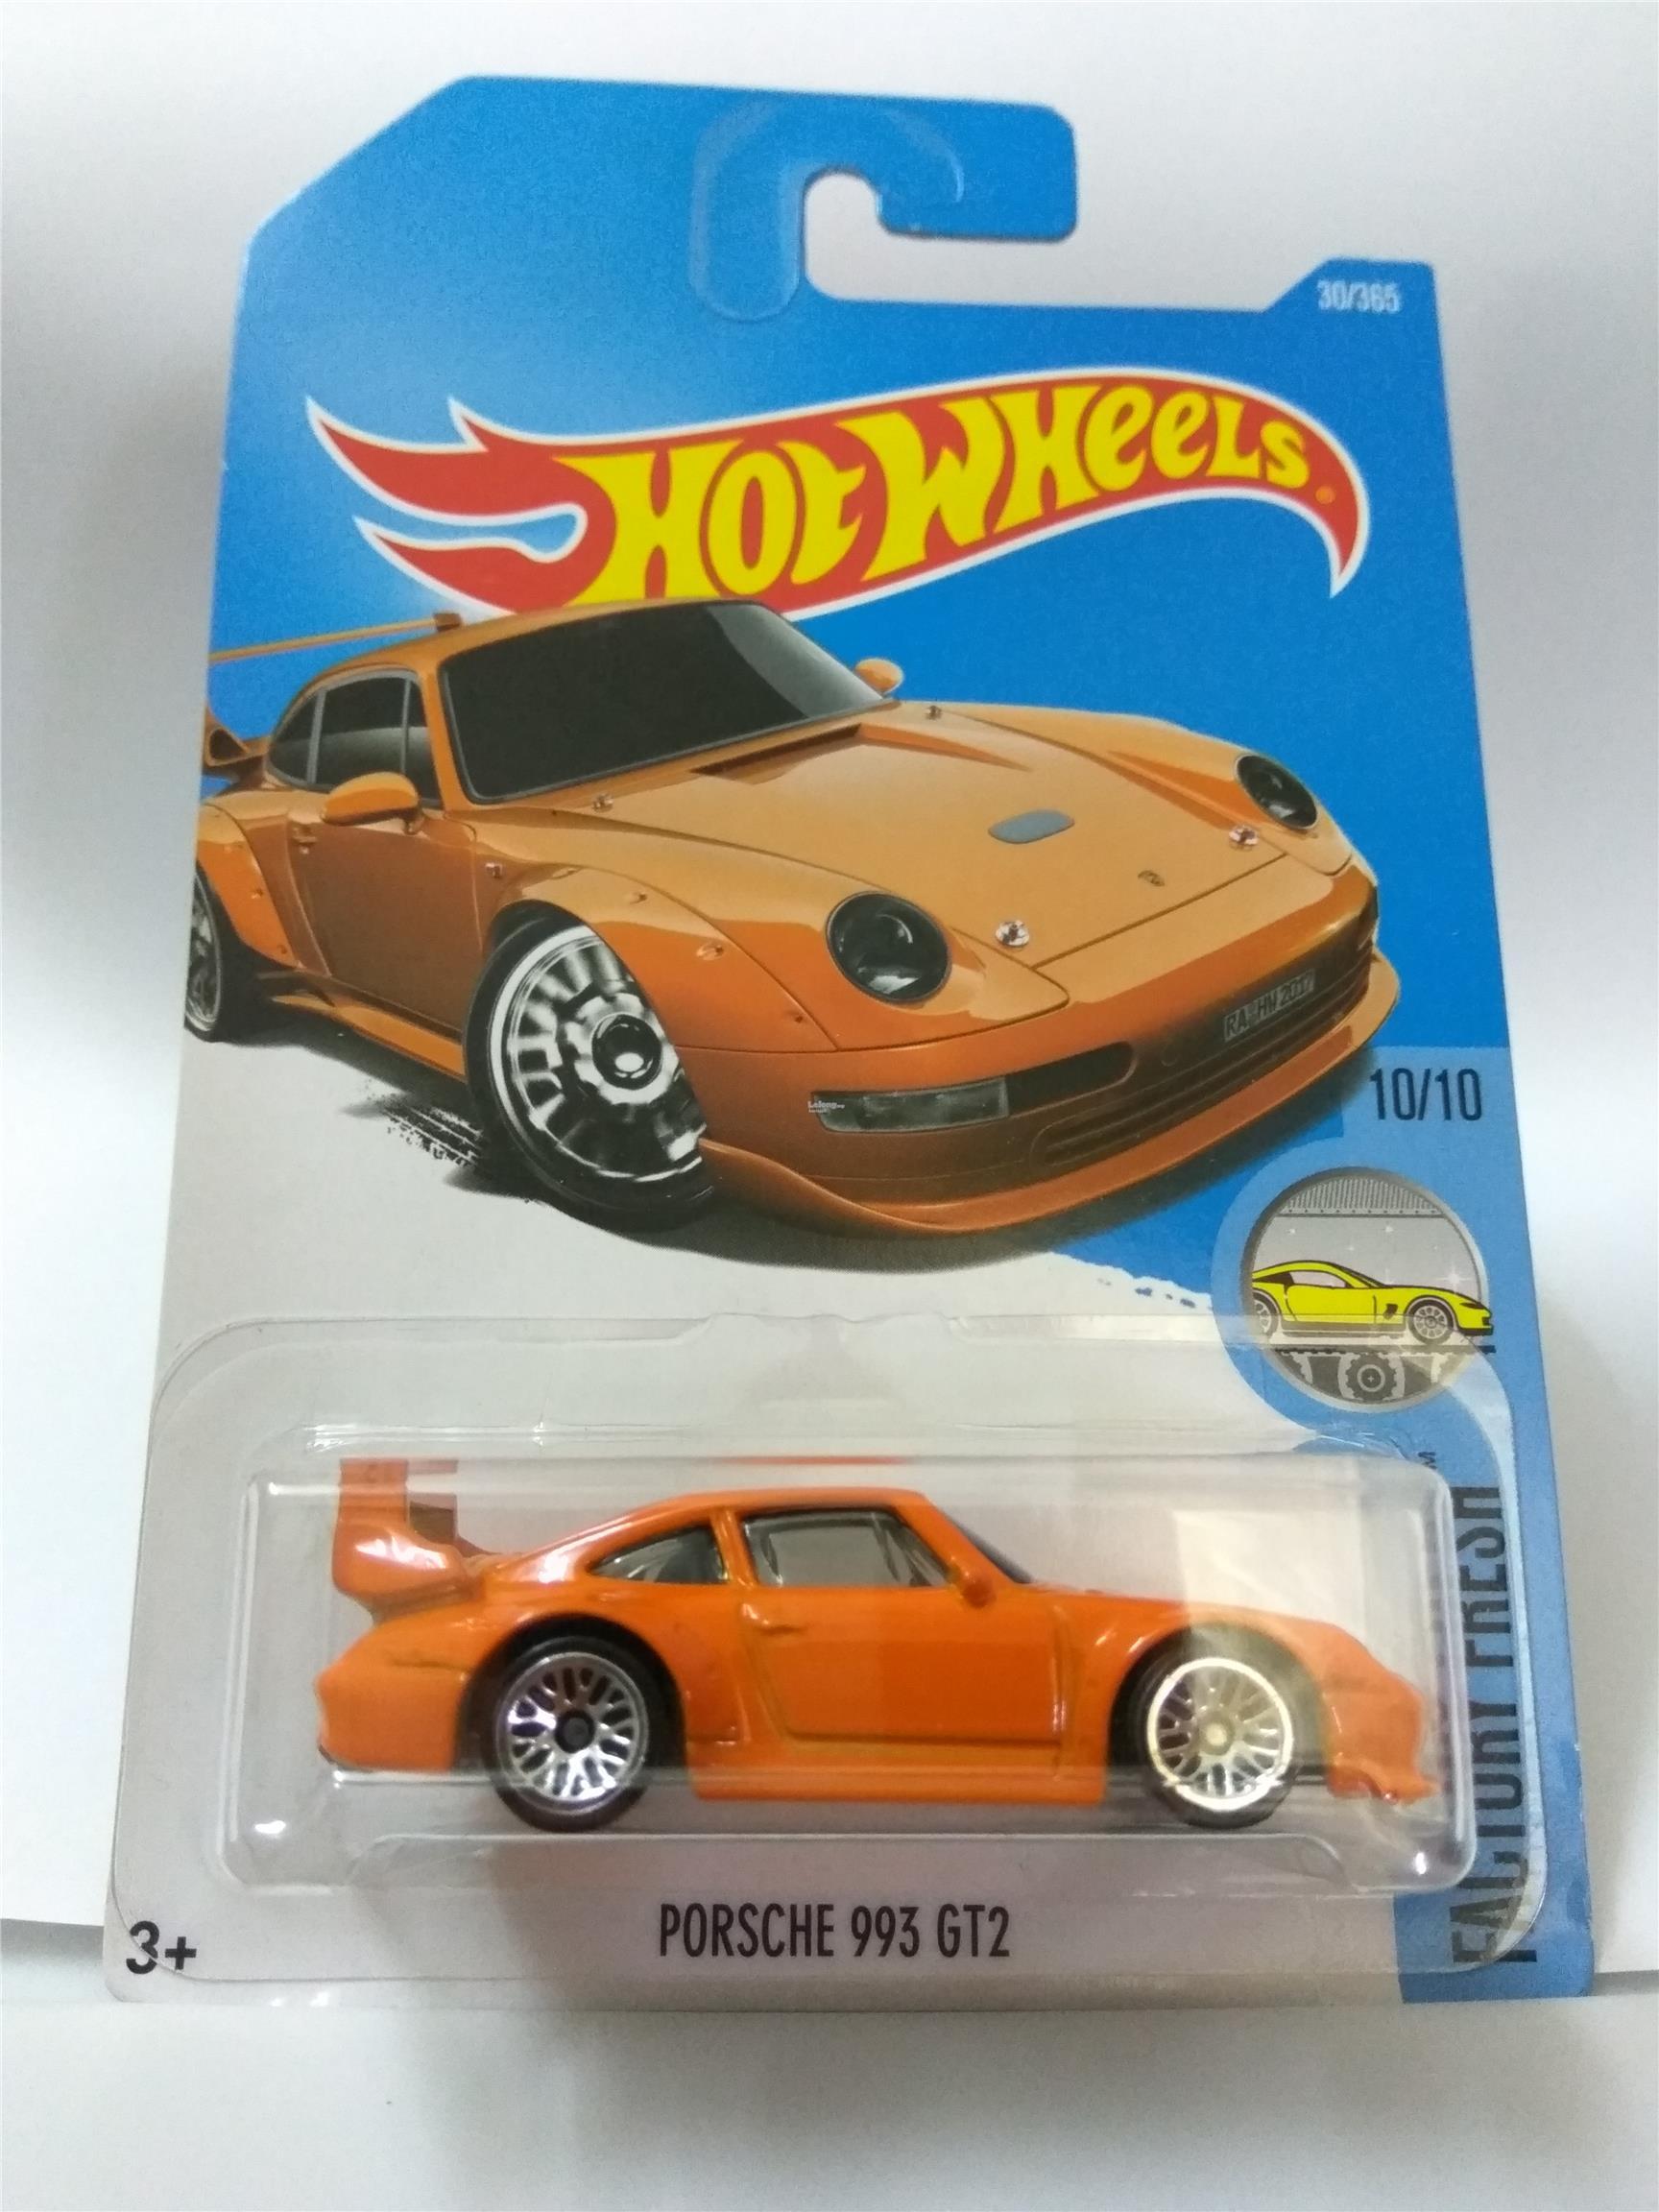 hot-wheels-hw-porsche-993-gt2-kerisasli-1704-09-kerisasli@45 Outstanding Porsche 911 Gt2 Hot Wheels Cars Trend